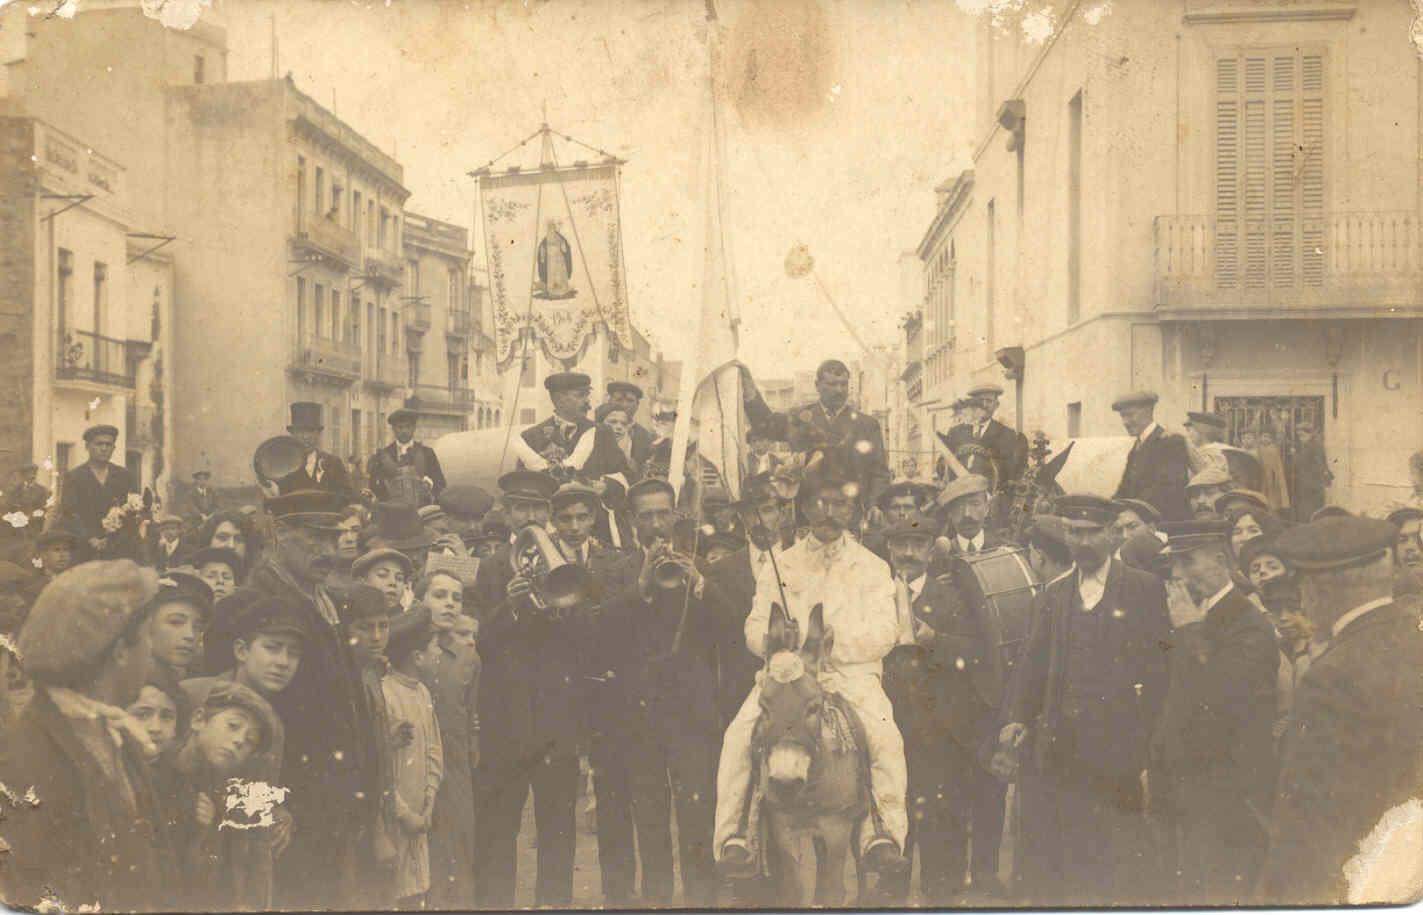 Desfilada de 1915 a l'actual avinguda Juli Garreta. AMSFG. Col·lecció Espuña-Ibáñez (Autor desconegut)